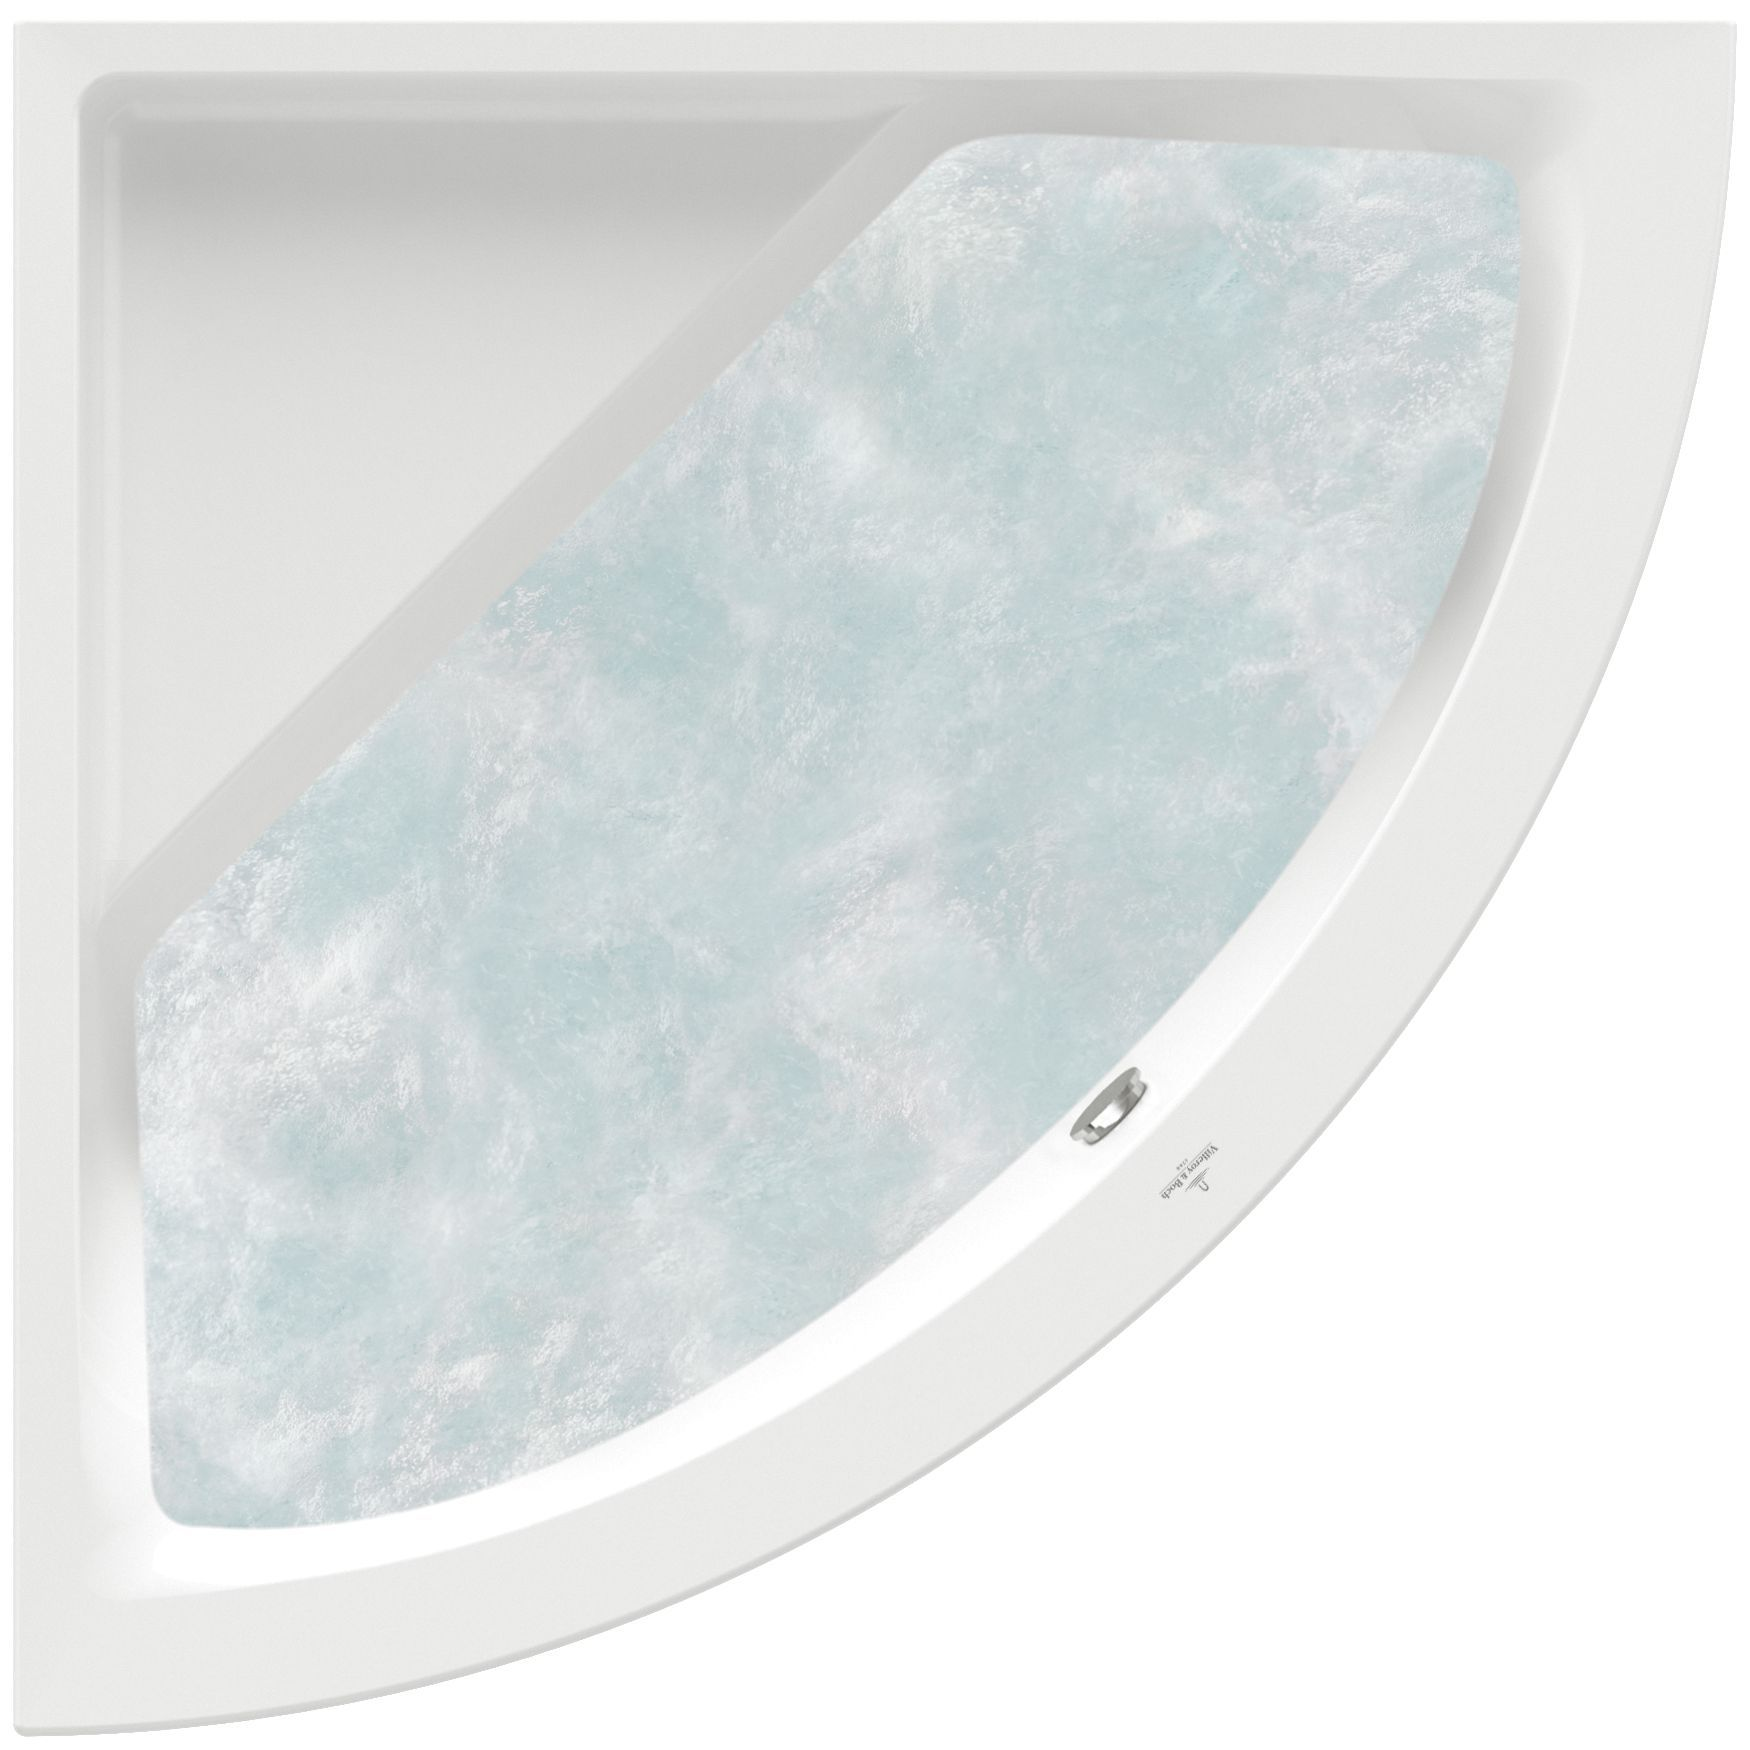 Villeroy & Boch Subway Eck-Badewanne Technik Position 2 L:130xB:130xcm weiß UIP130SUB3B2V01